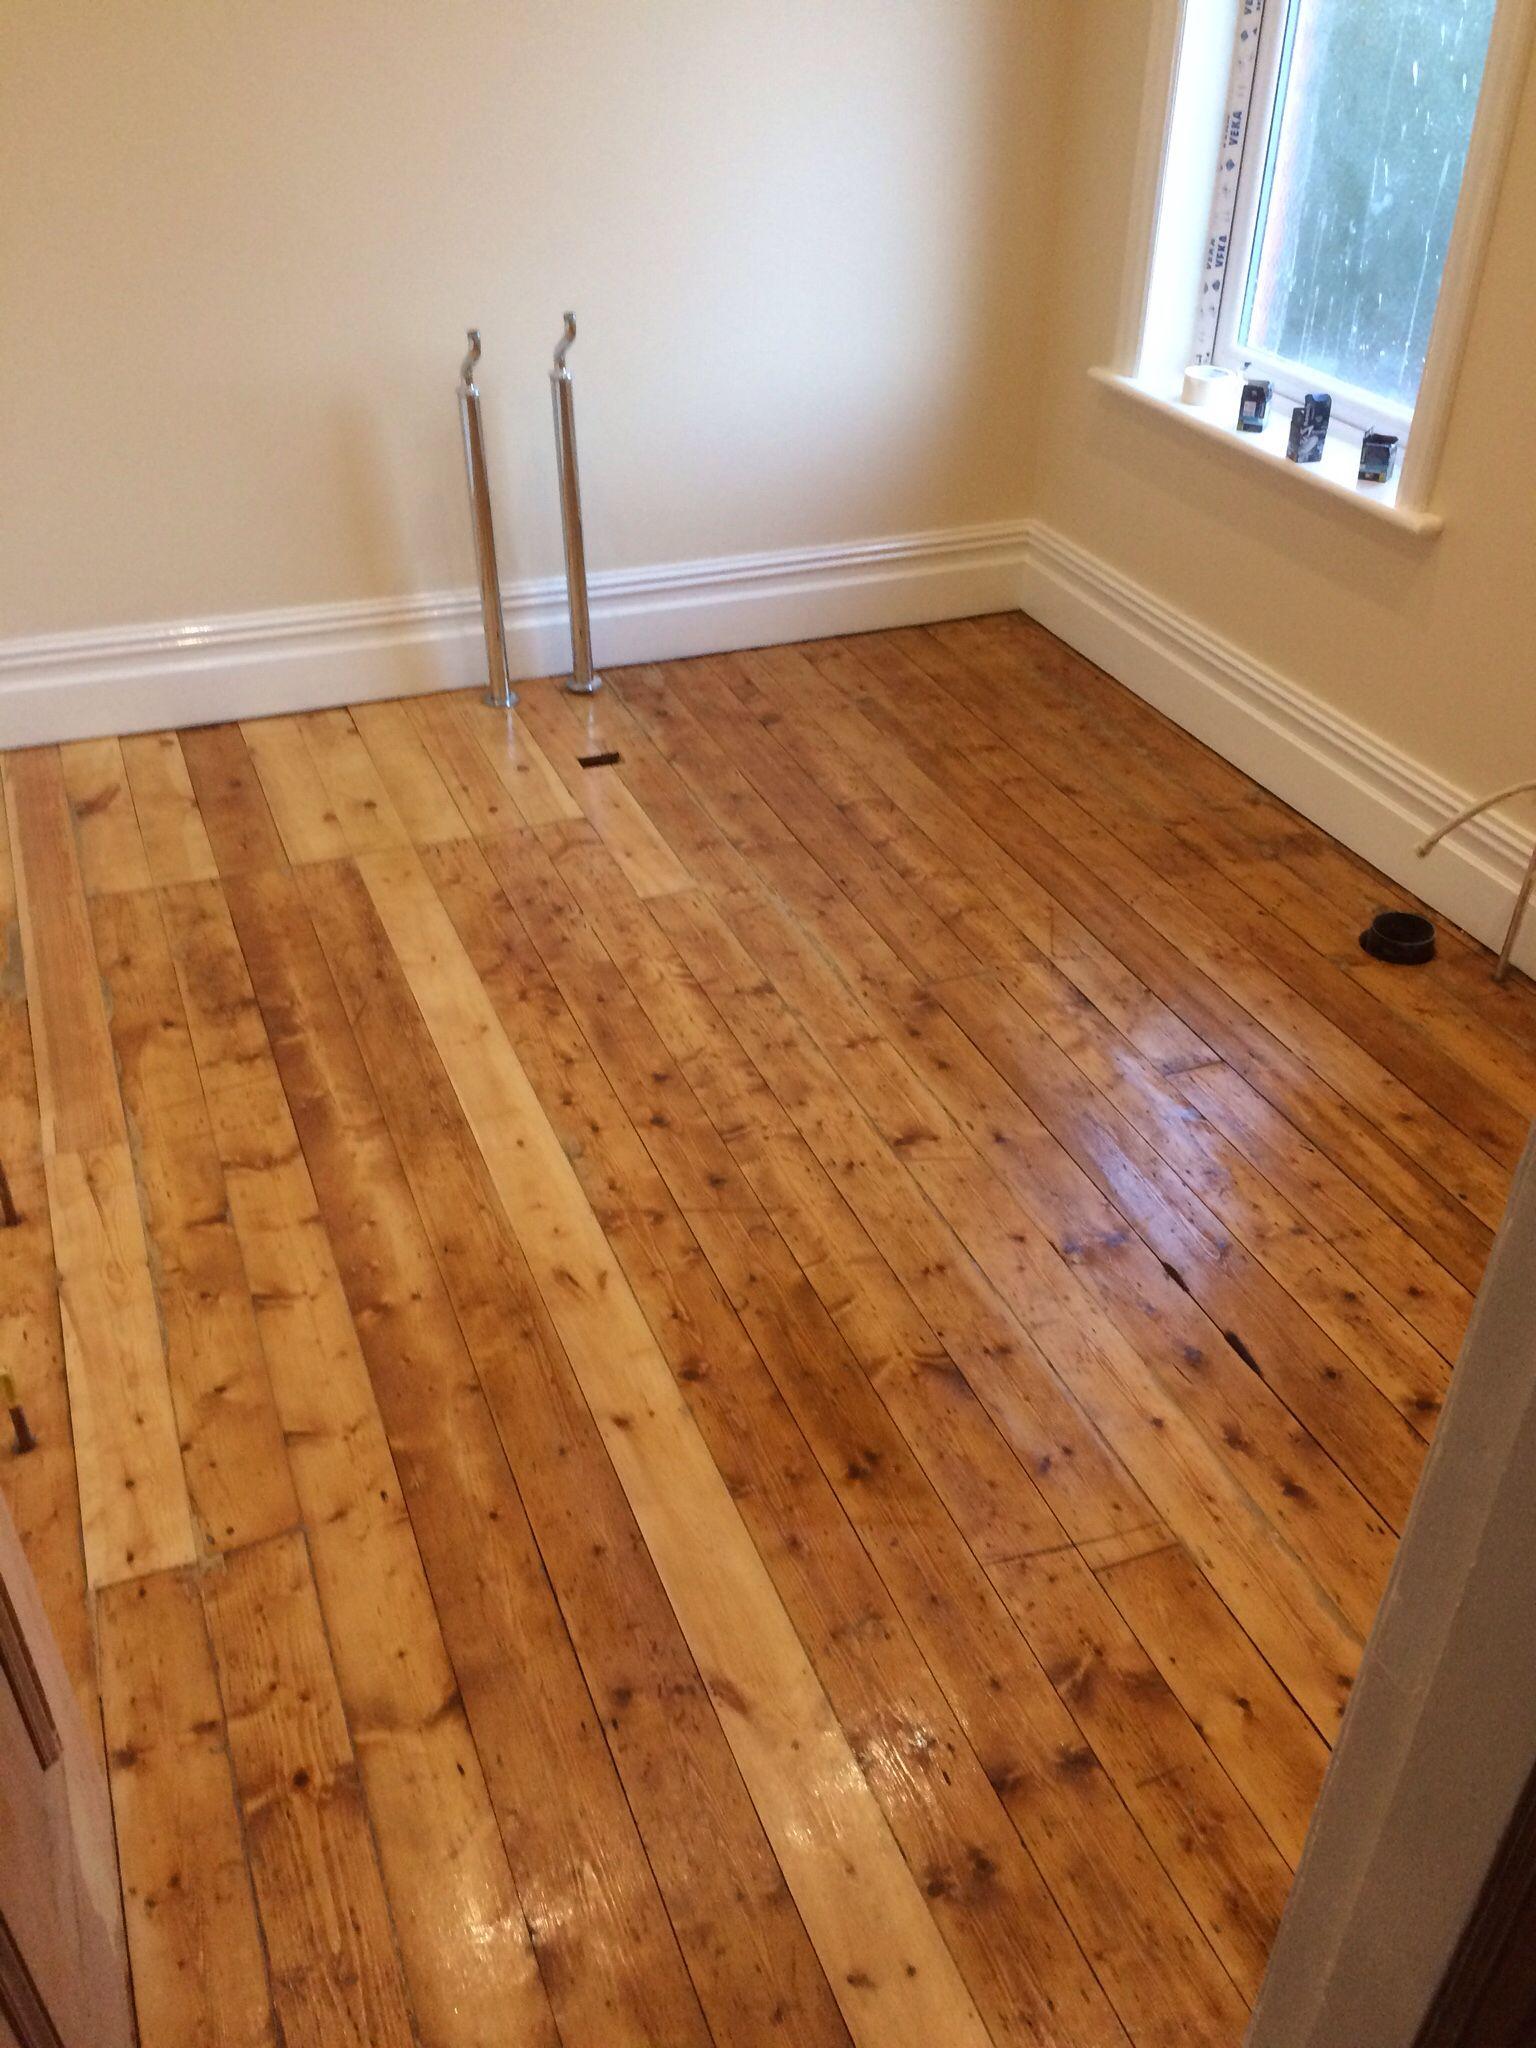 solid pine floorboards. Black Bedroom Furniture Sets. Home Design Ideas